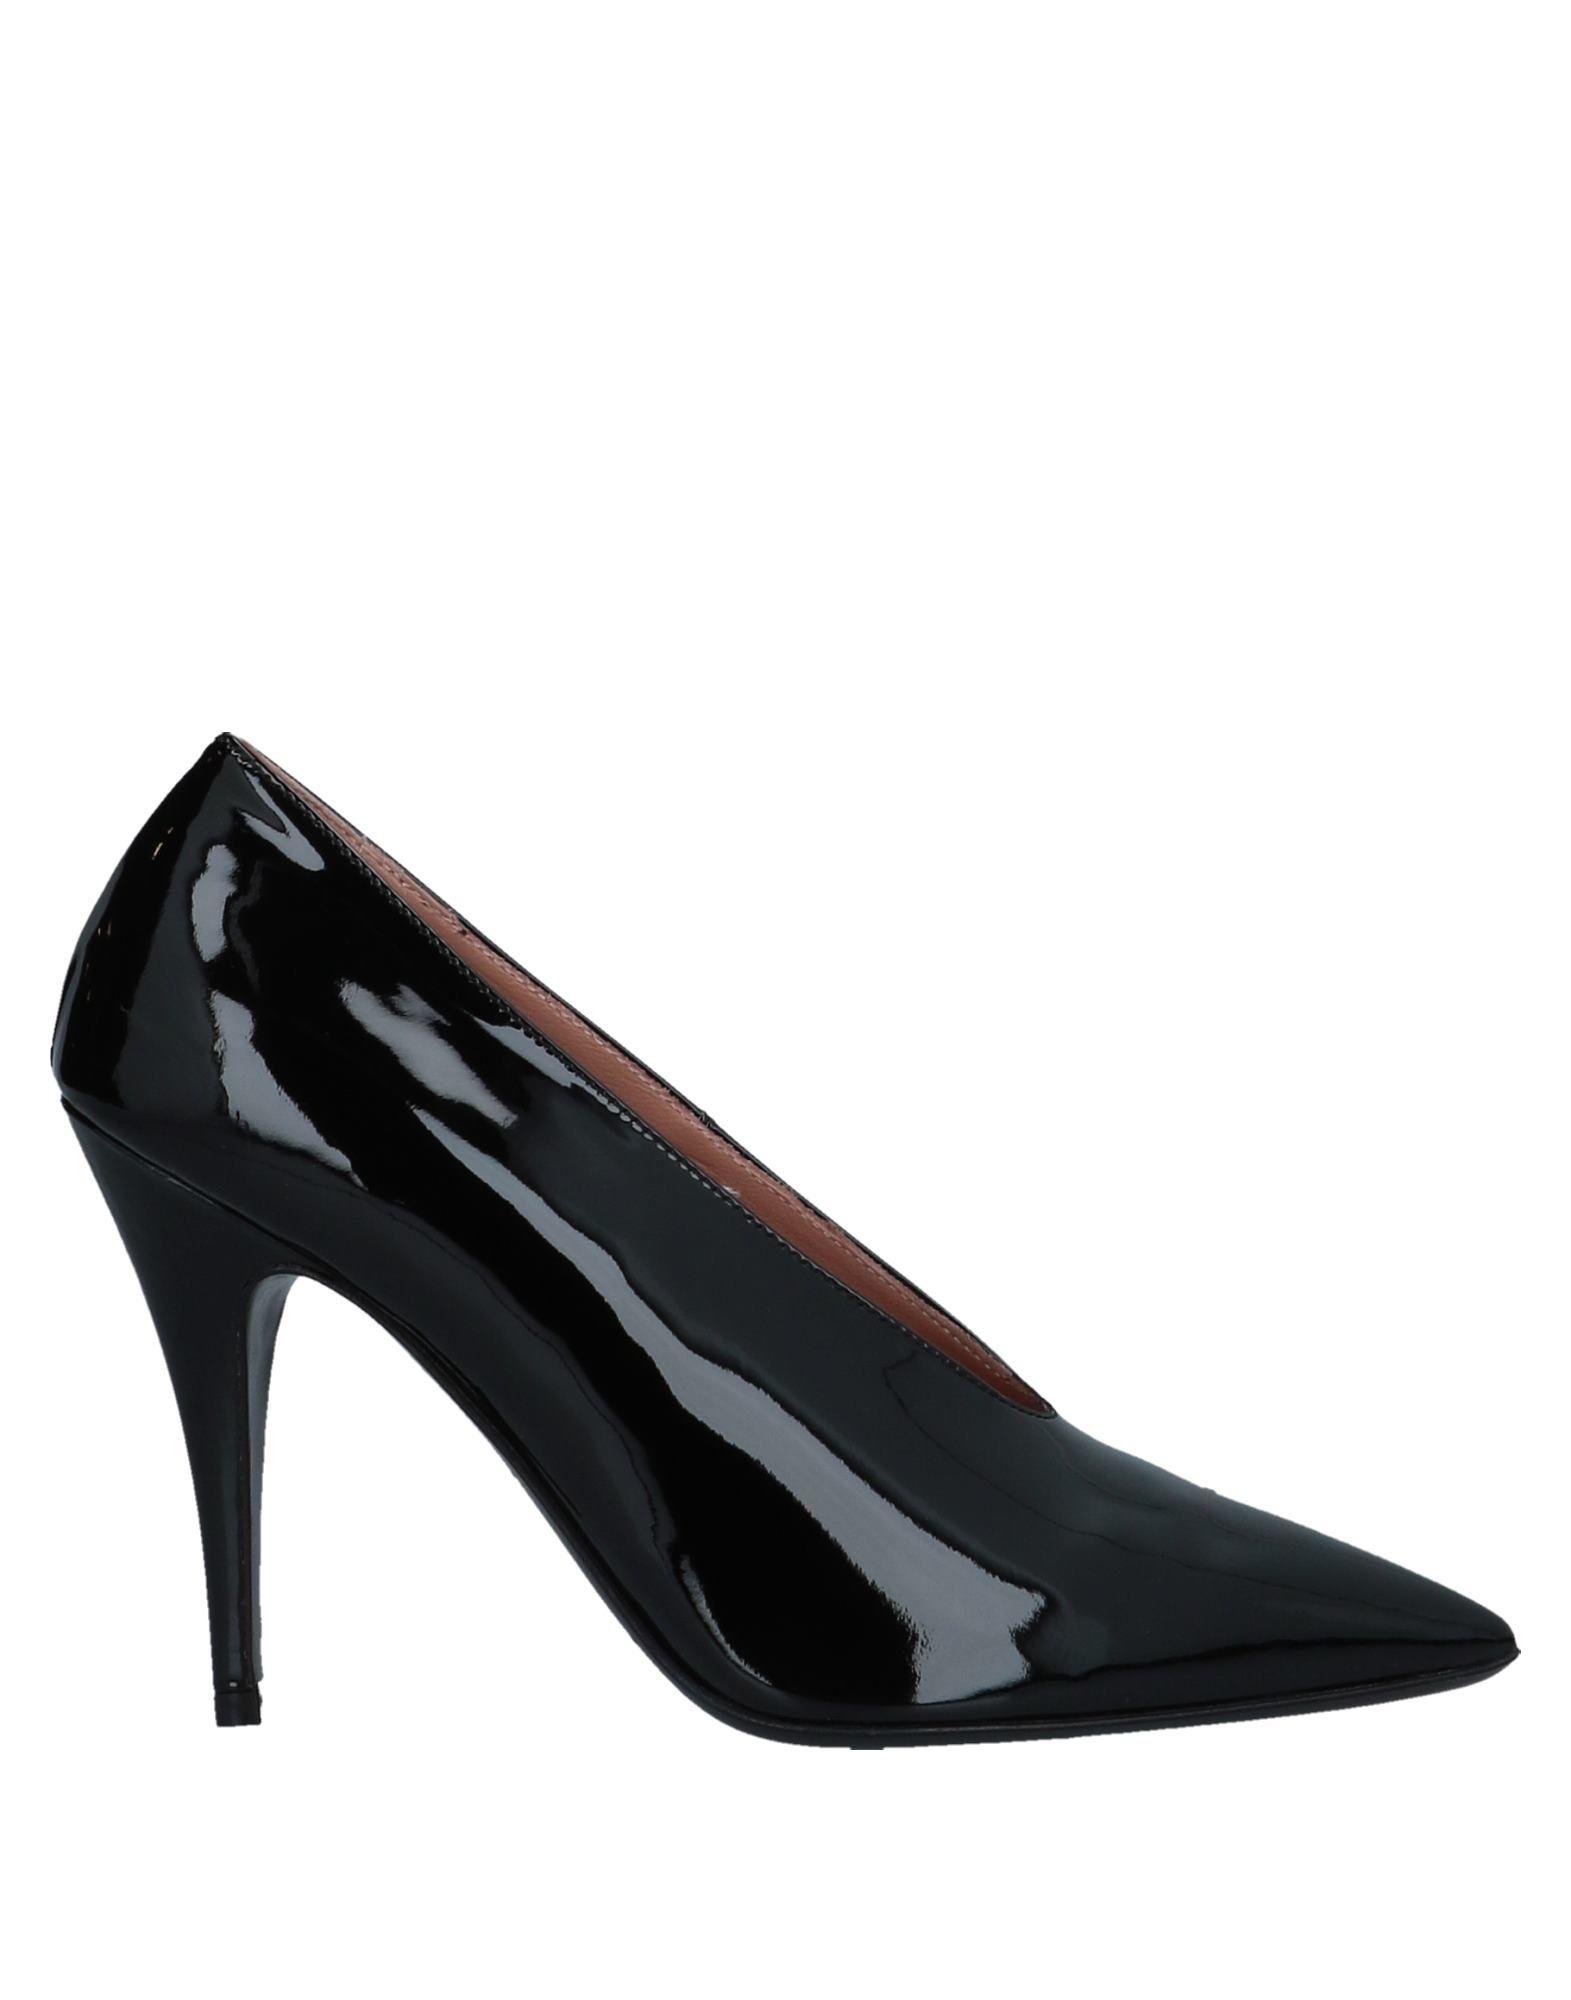 Zapatos de mujer baratos zapatos de mujer Zapato De De Zapato Salón Liviana Conti Mujer - Salones Liviana Conti  Negro 89d875